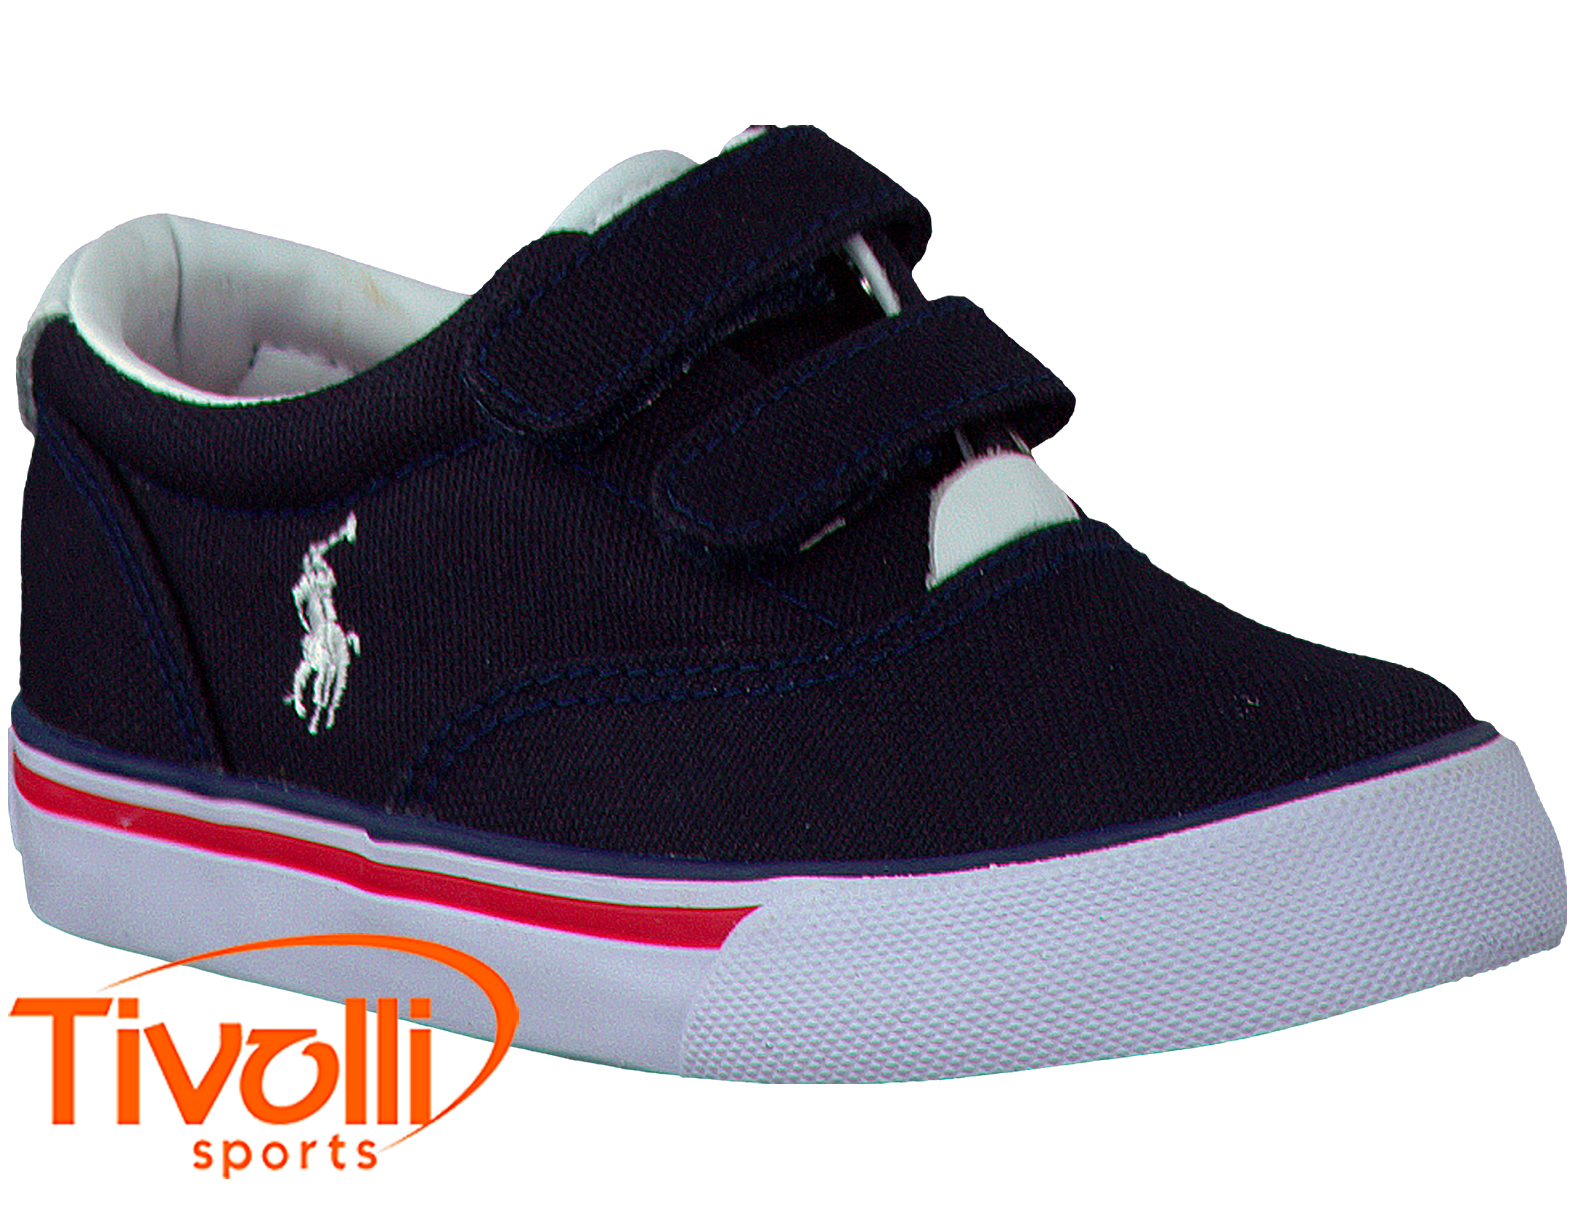 8e64c90a5e Tênis Polo Ralph Lauren infantil Vaughn II EZ marinho, branco e vermelho